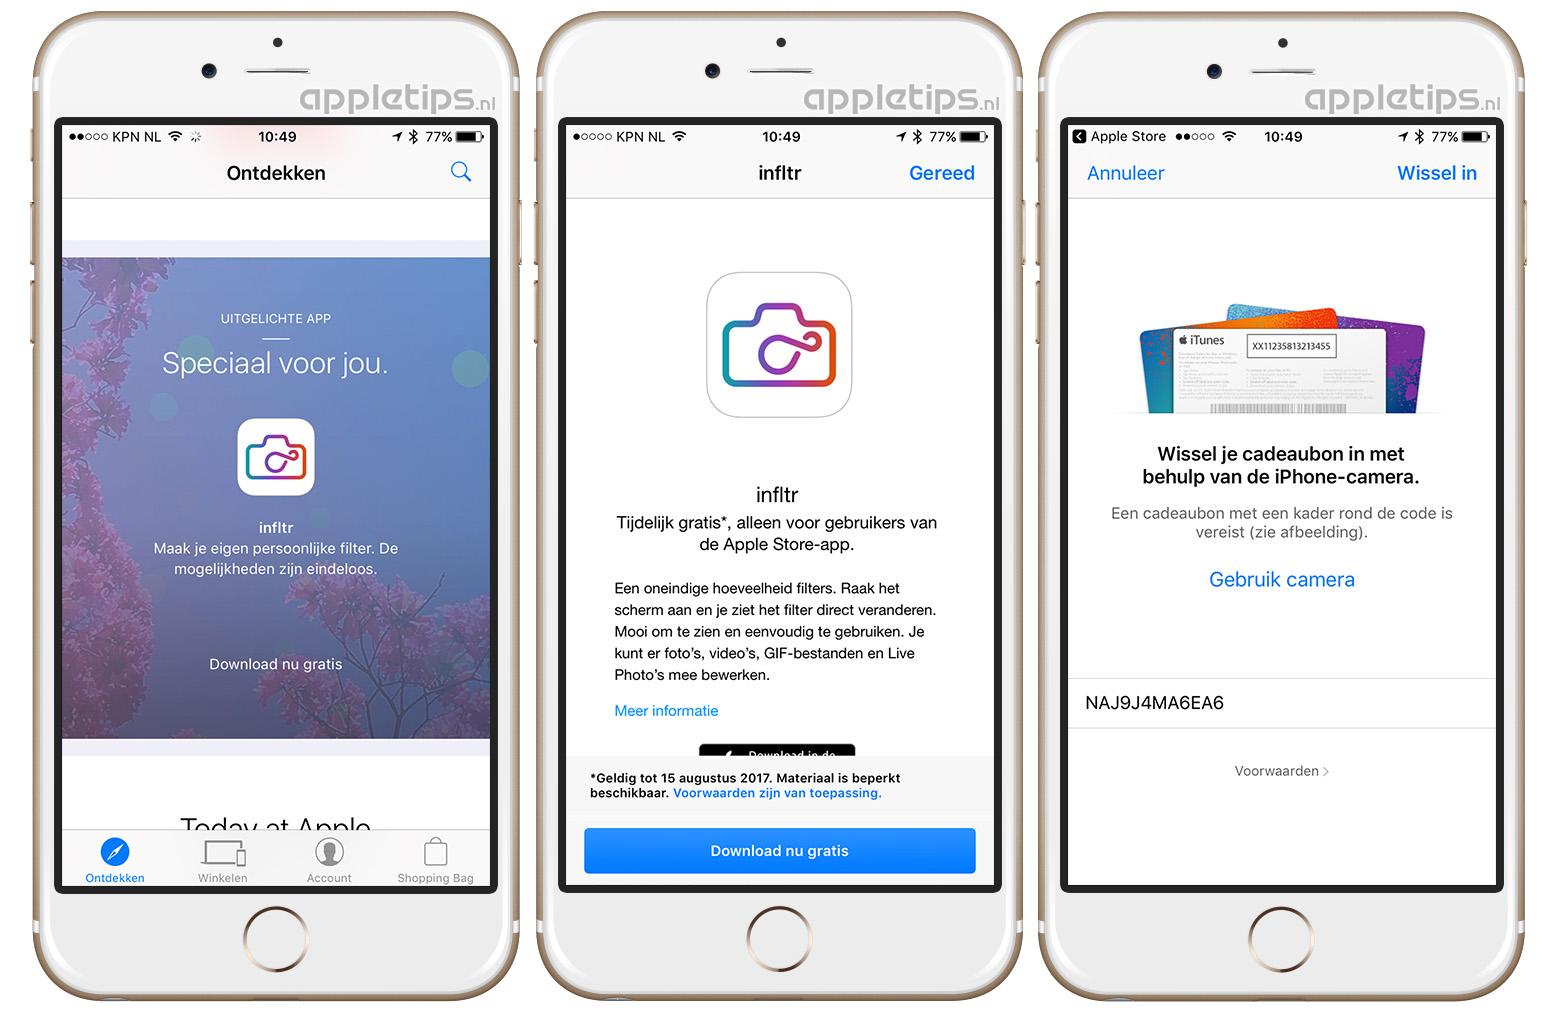 app store downloaden